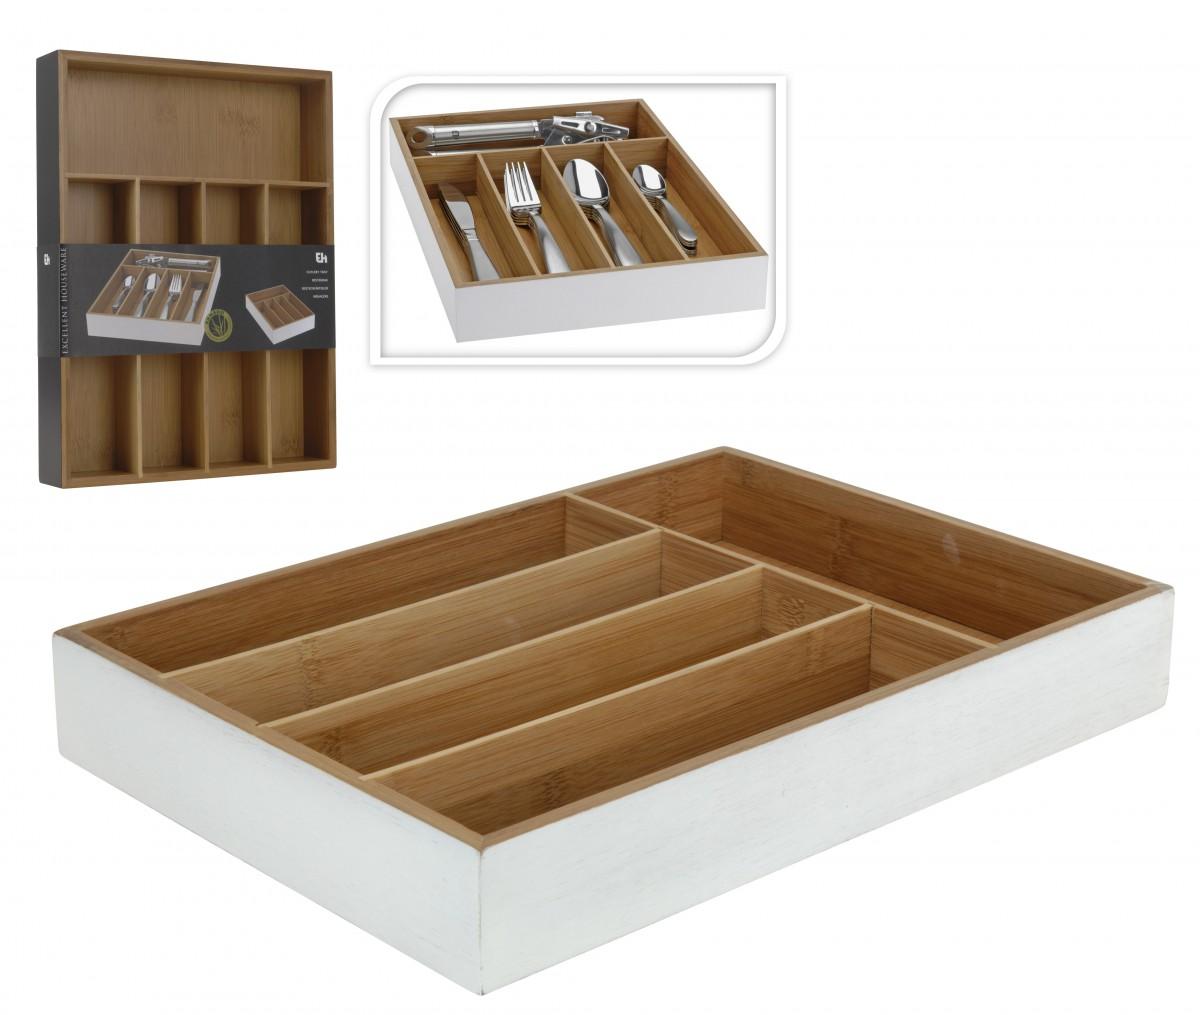 besteckkasten besteckeinsatz bambus 26x35cm ebay. Black Bedroom Furniture Sets. Home Design Ideas